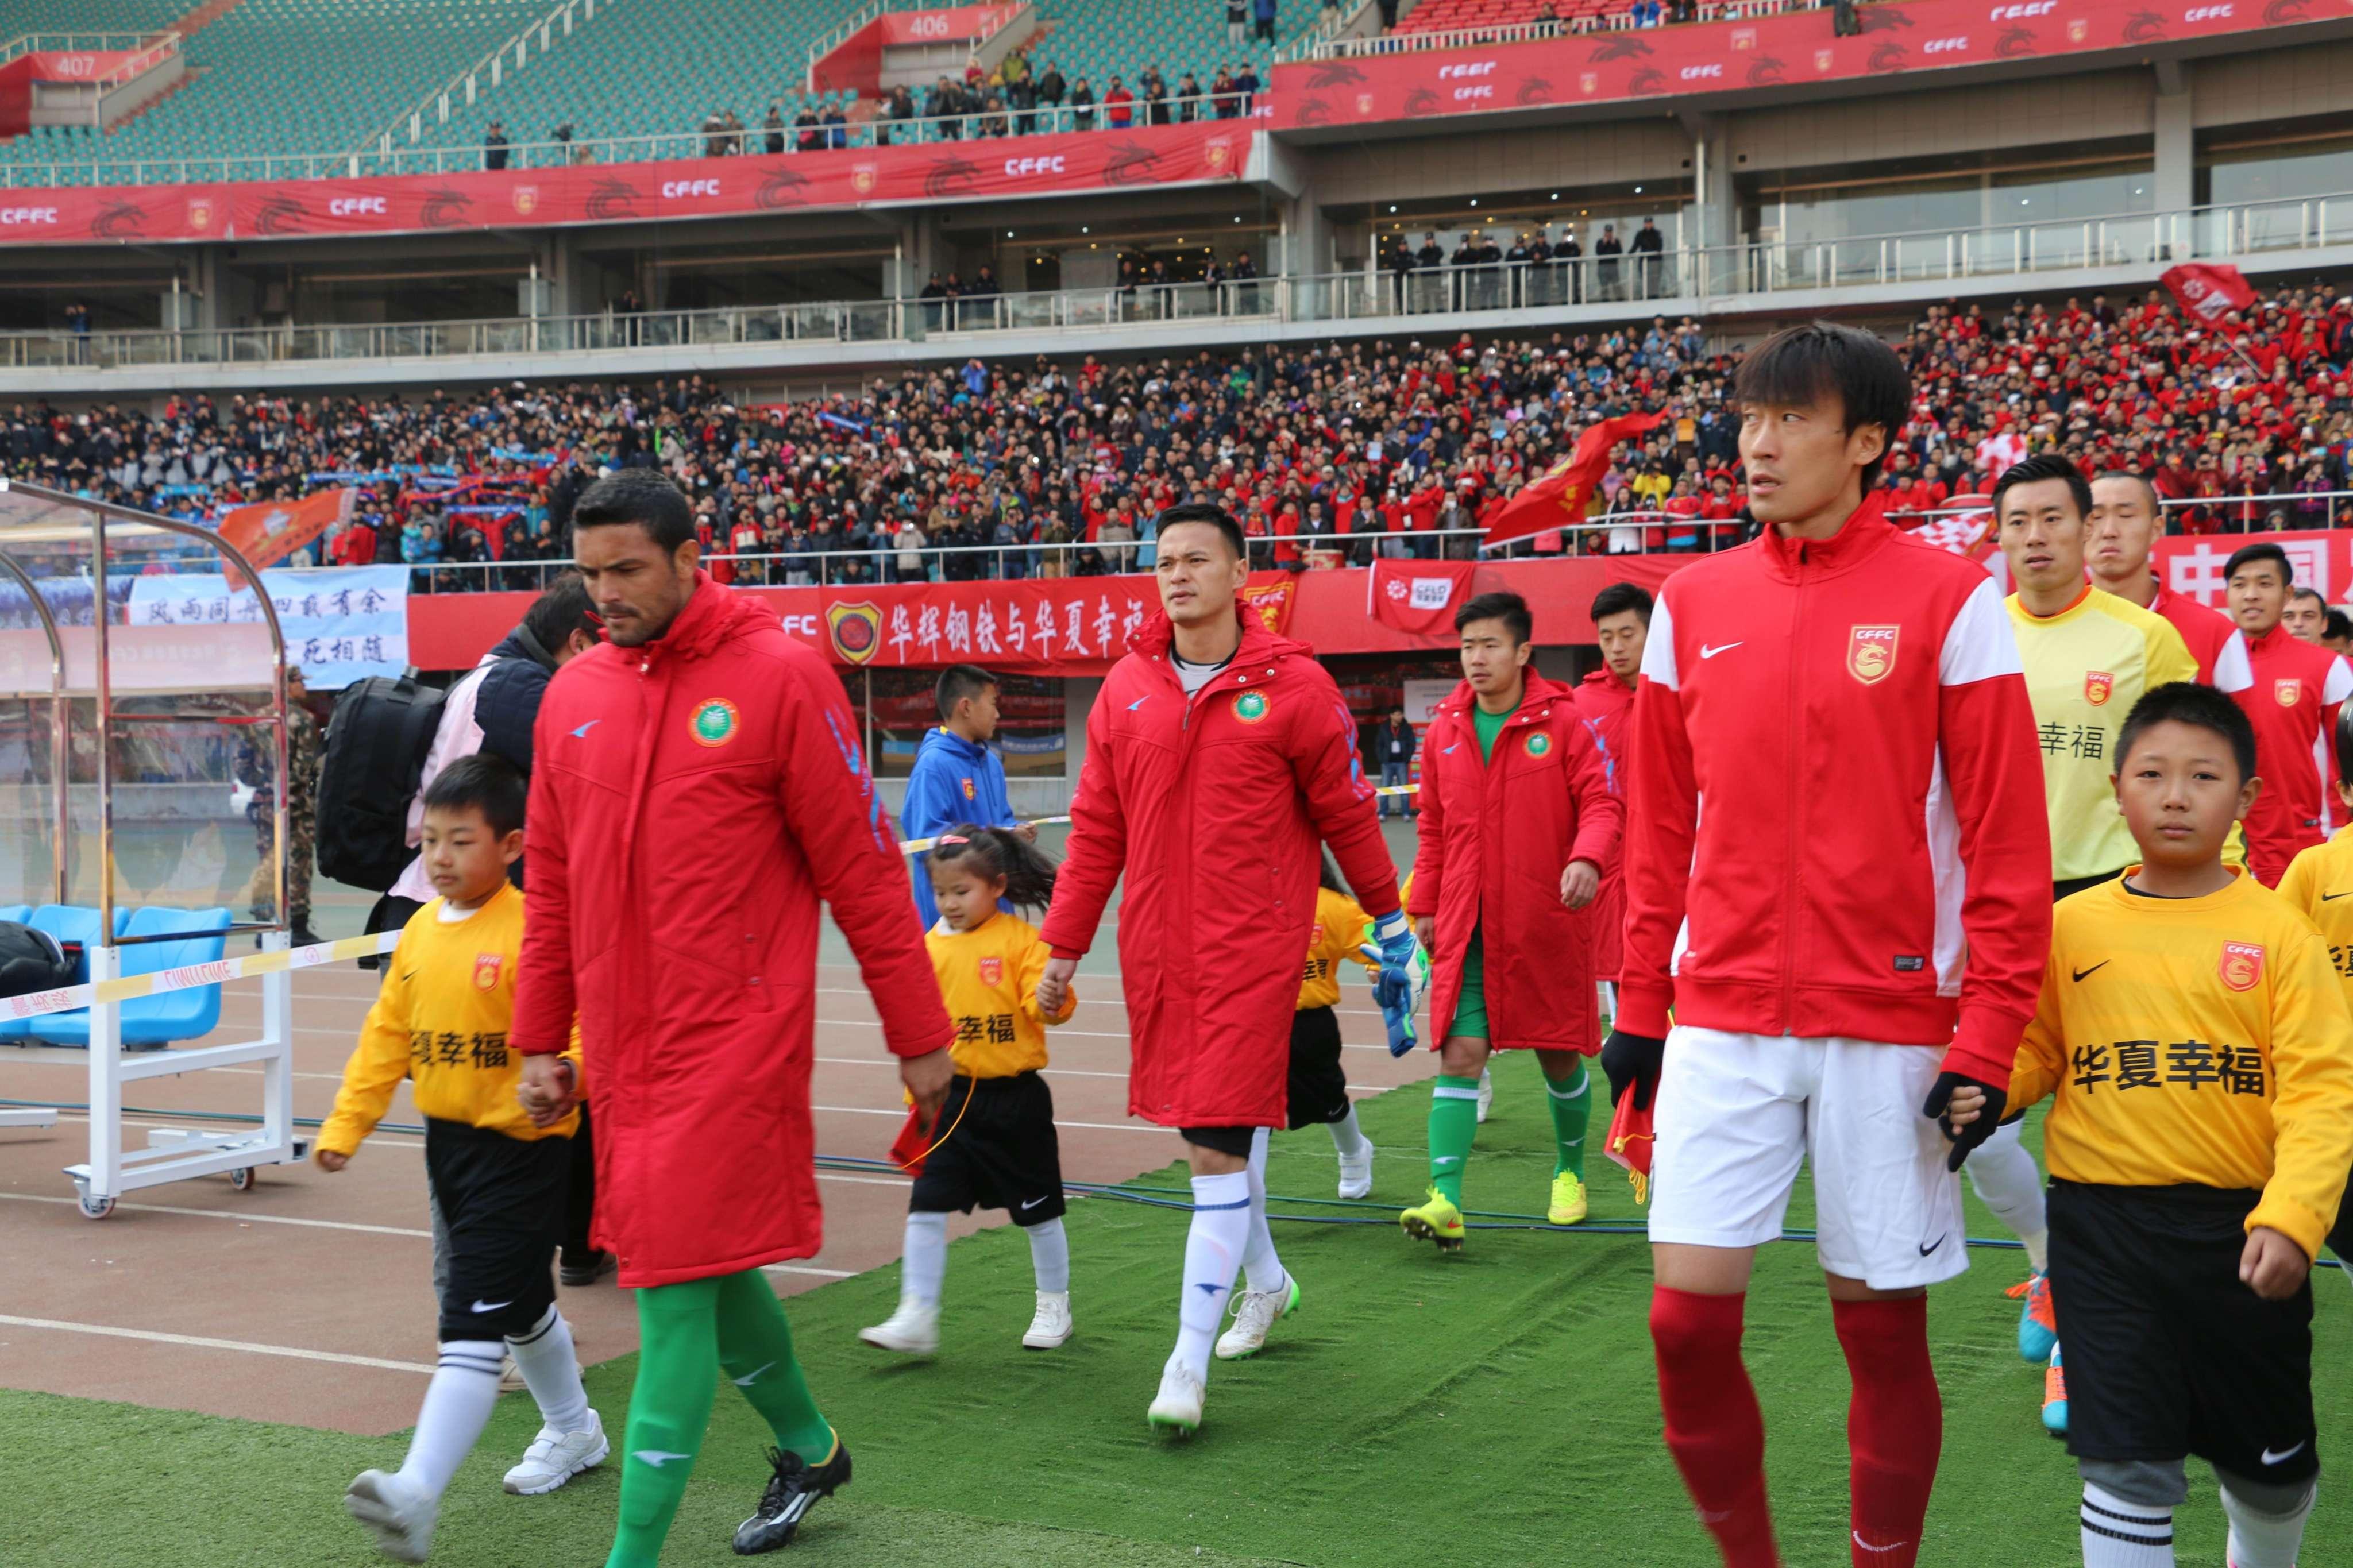 秦皇岛奥体中心的主场氛围,让北京理工足球队主教练袁微十分